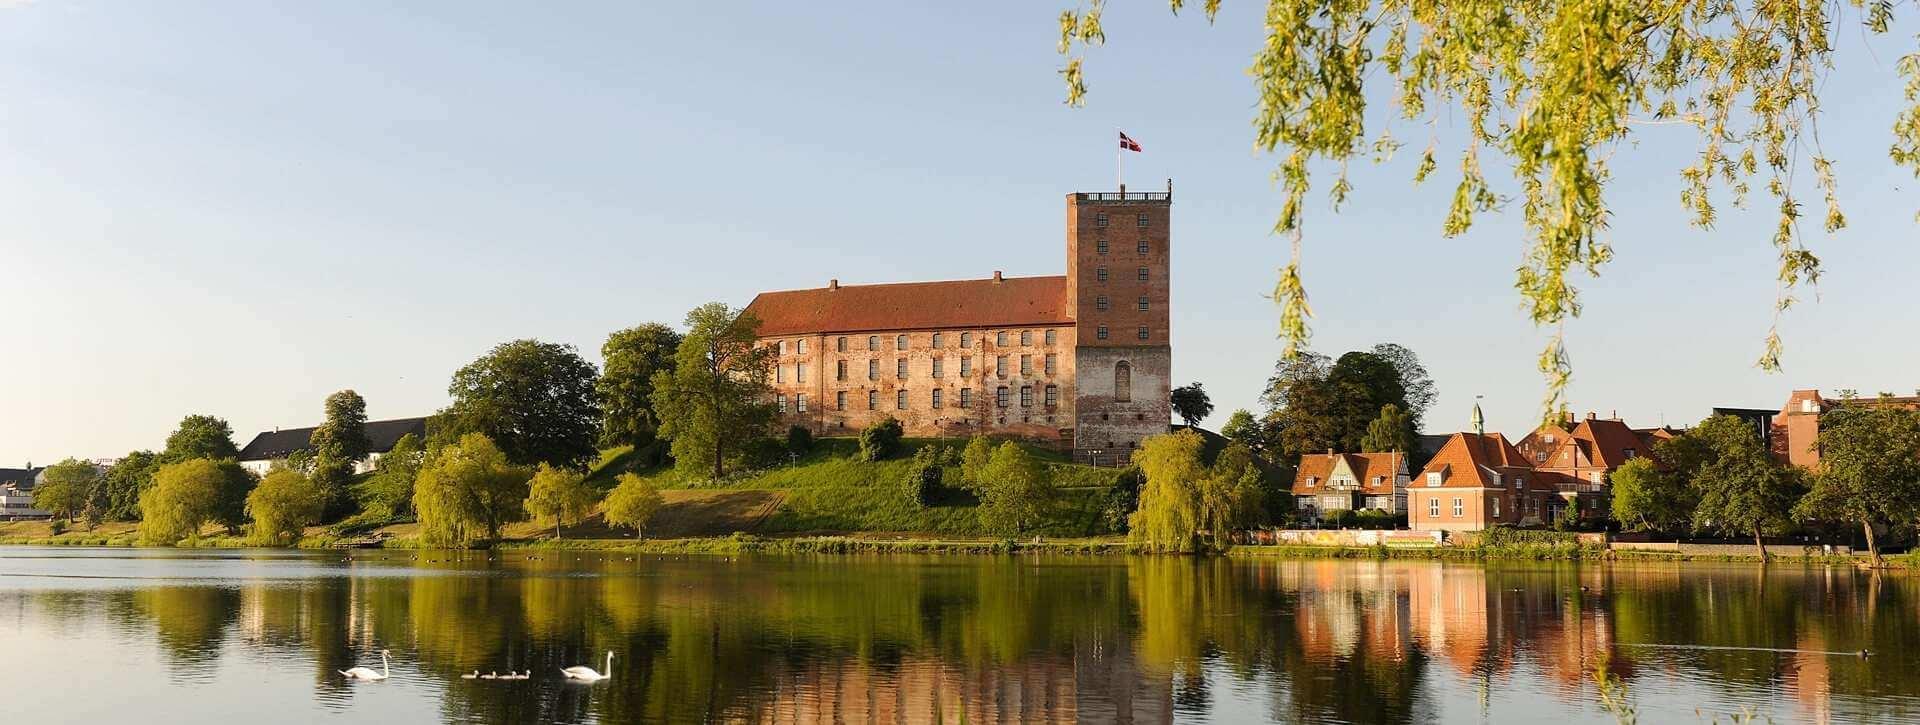 Koldinghus, Denmark